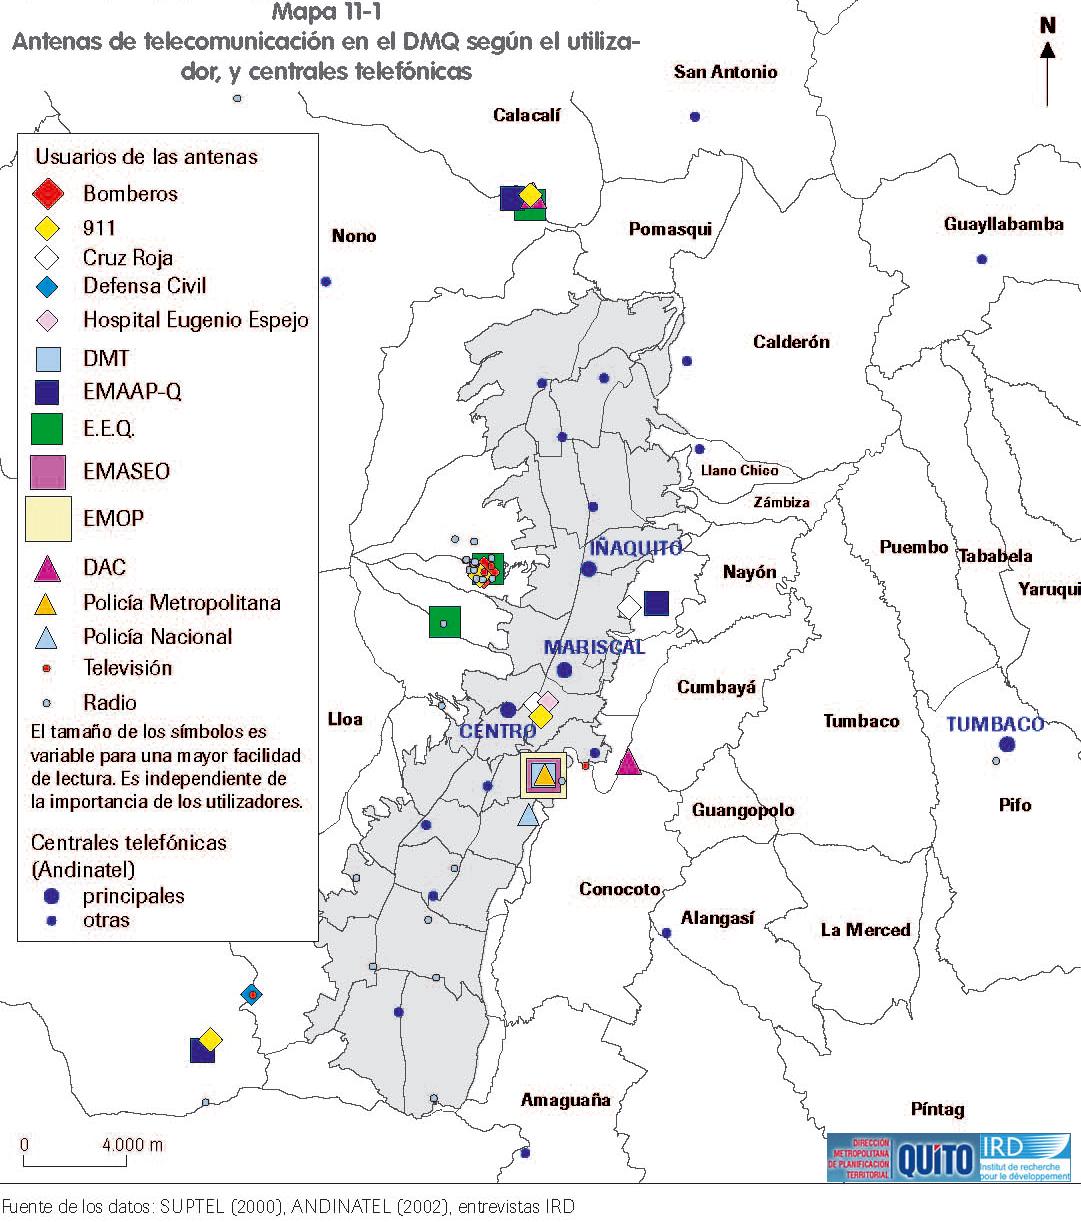 Mapa de Antenas de telecomunicación y centrales telefónicas en el Distrito Metropolitano de Quito 2002